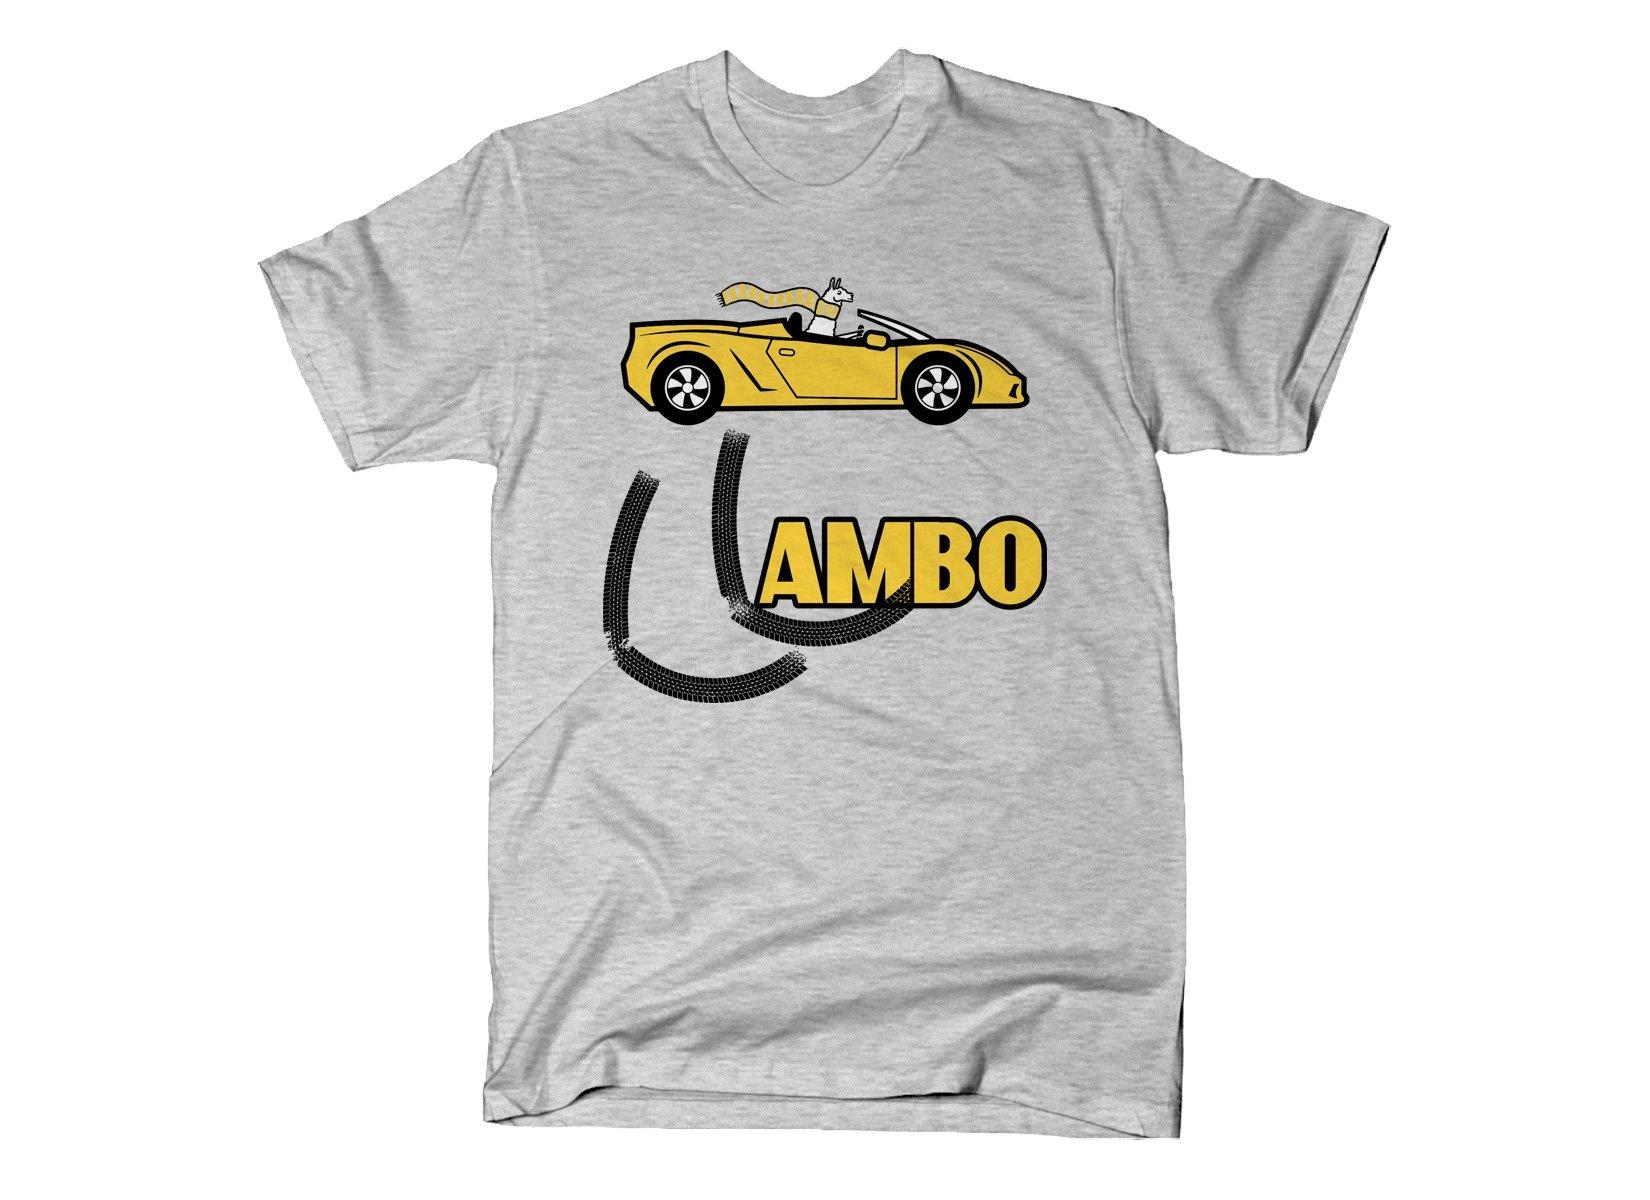 Llambo Llama on Mens T-Shirt